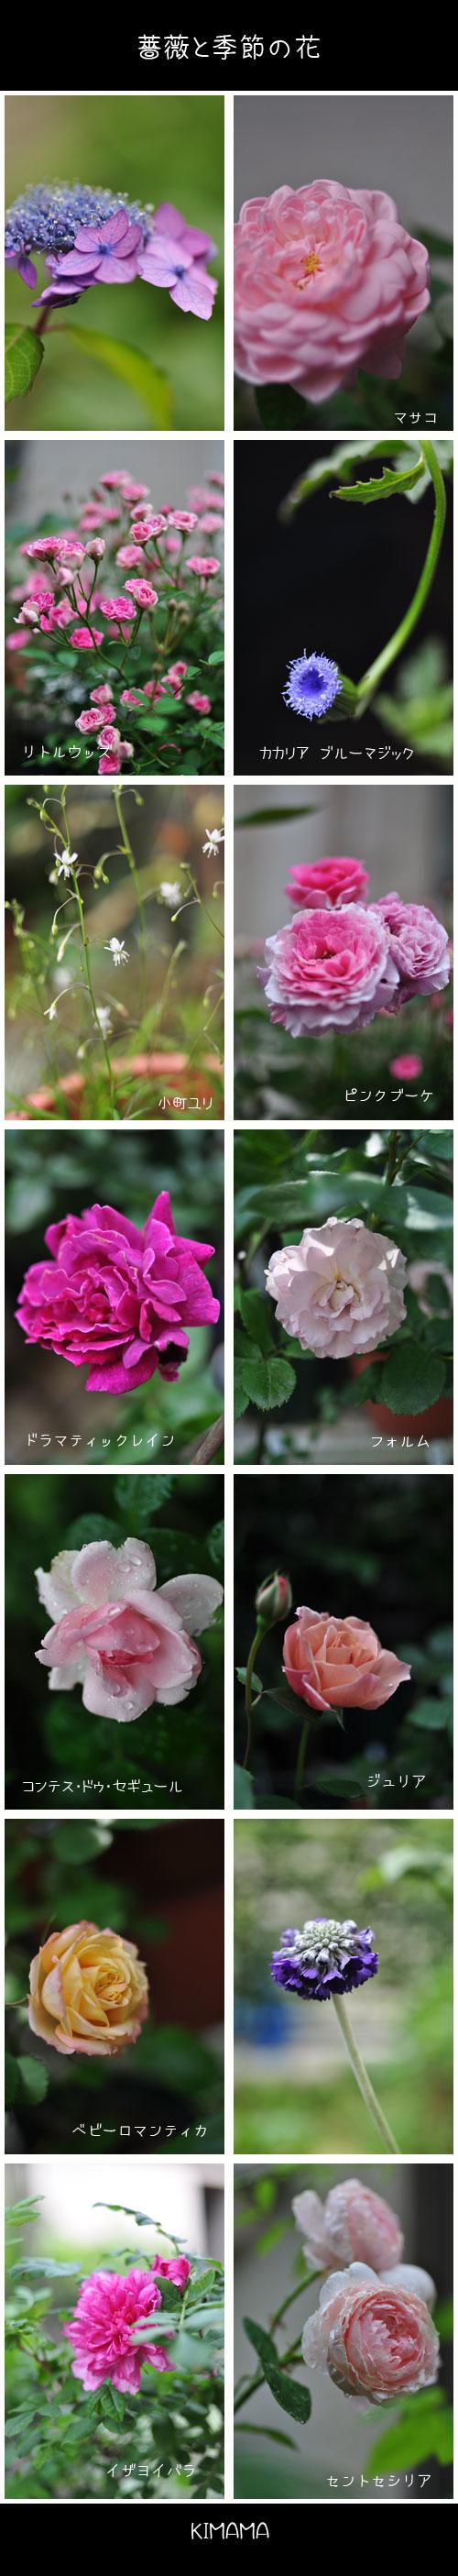 6月24日薔薇と季節の花